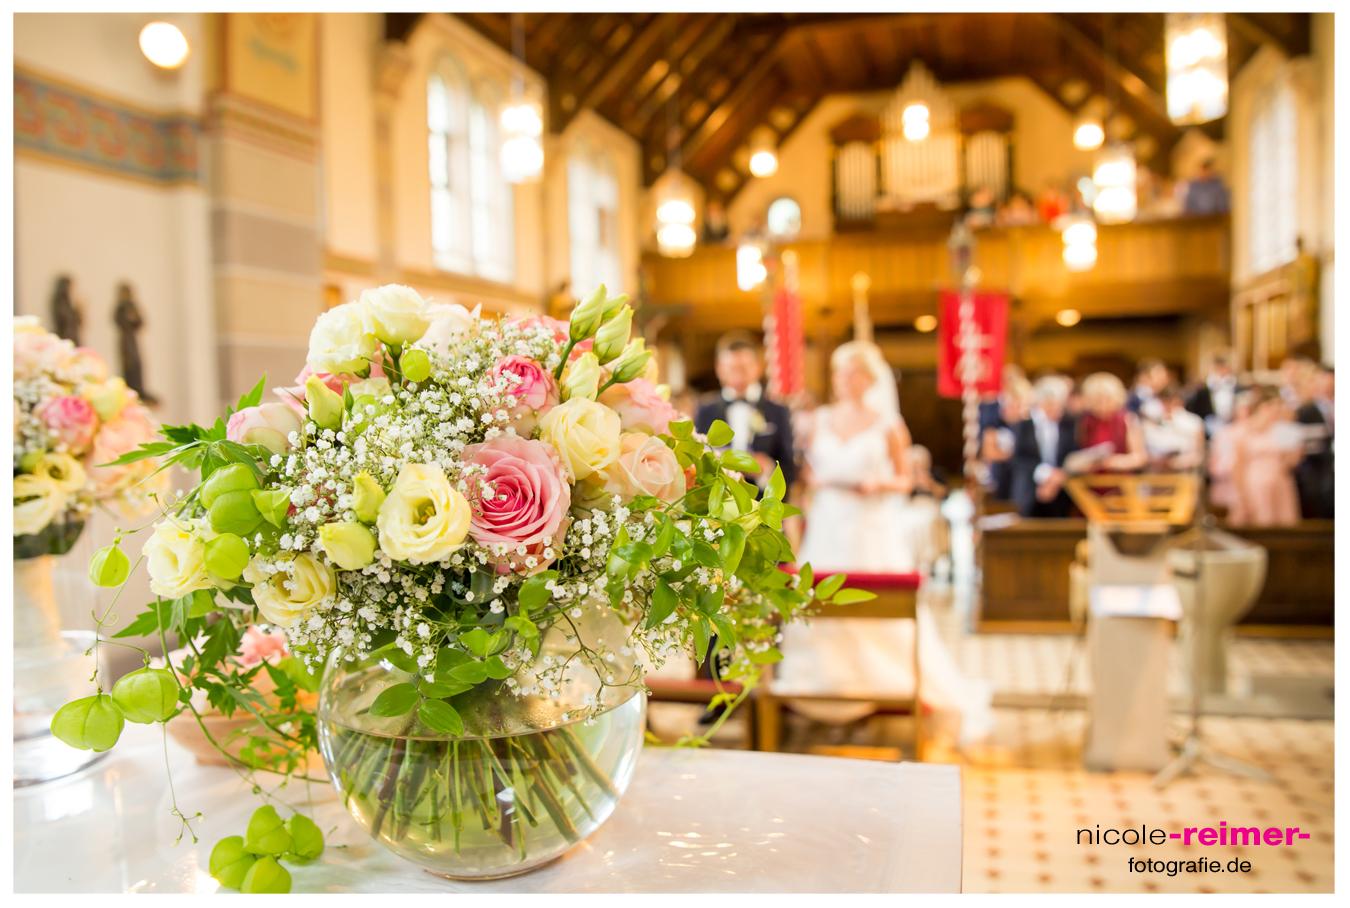 Nicole_Reimer_Hochzeitsfotografie_Kirchliche-Hochzeit_Reportage1